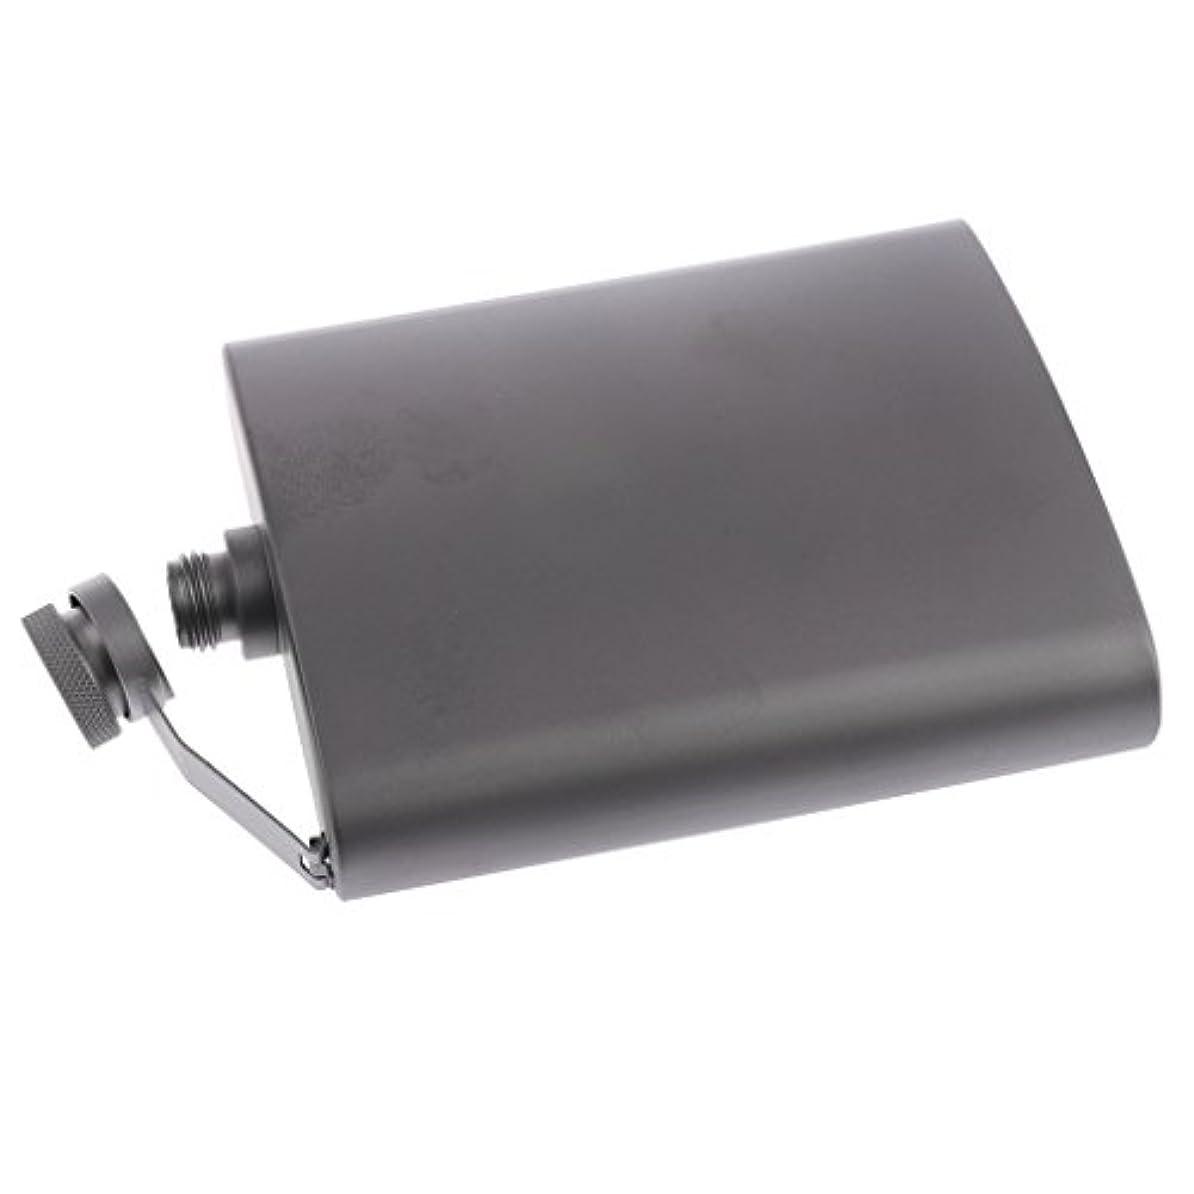 純正表面石油Perfeclan 携帯用 超軽量 ヒップフラスコ スキットル チタン製ボトル ポータブル ポケットサイズ 安全 健康